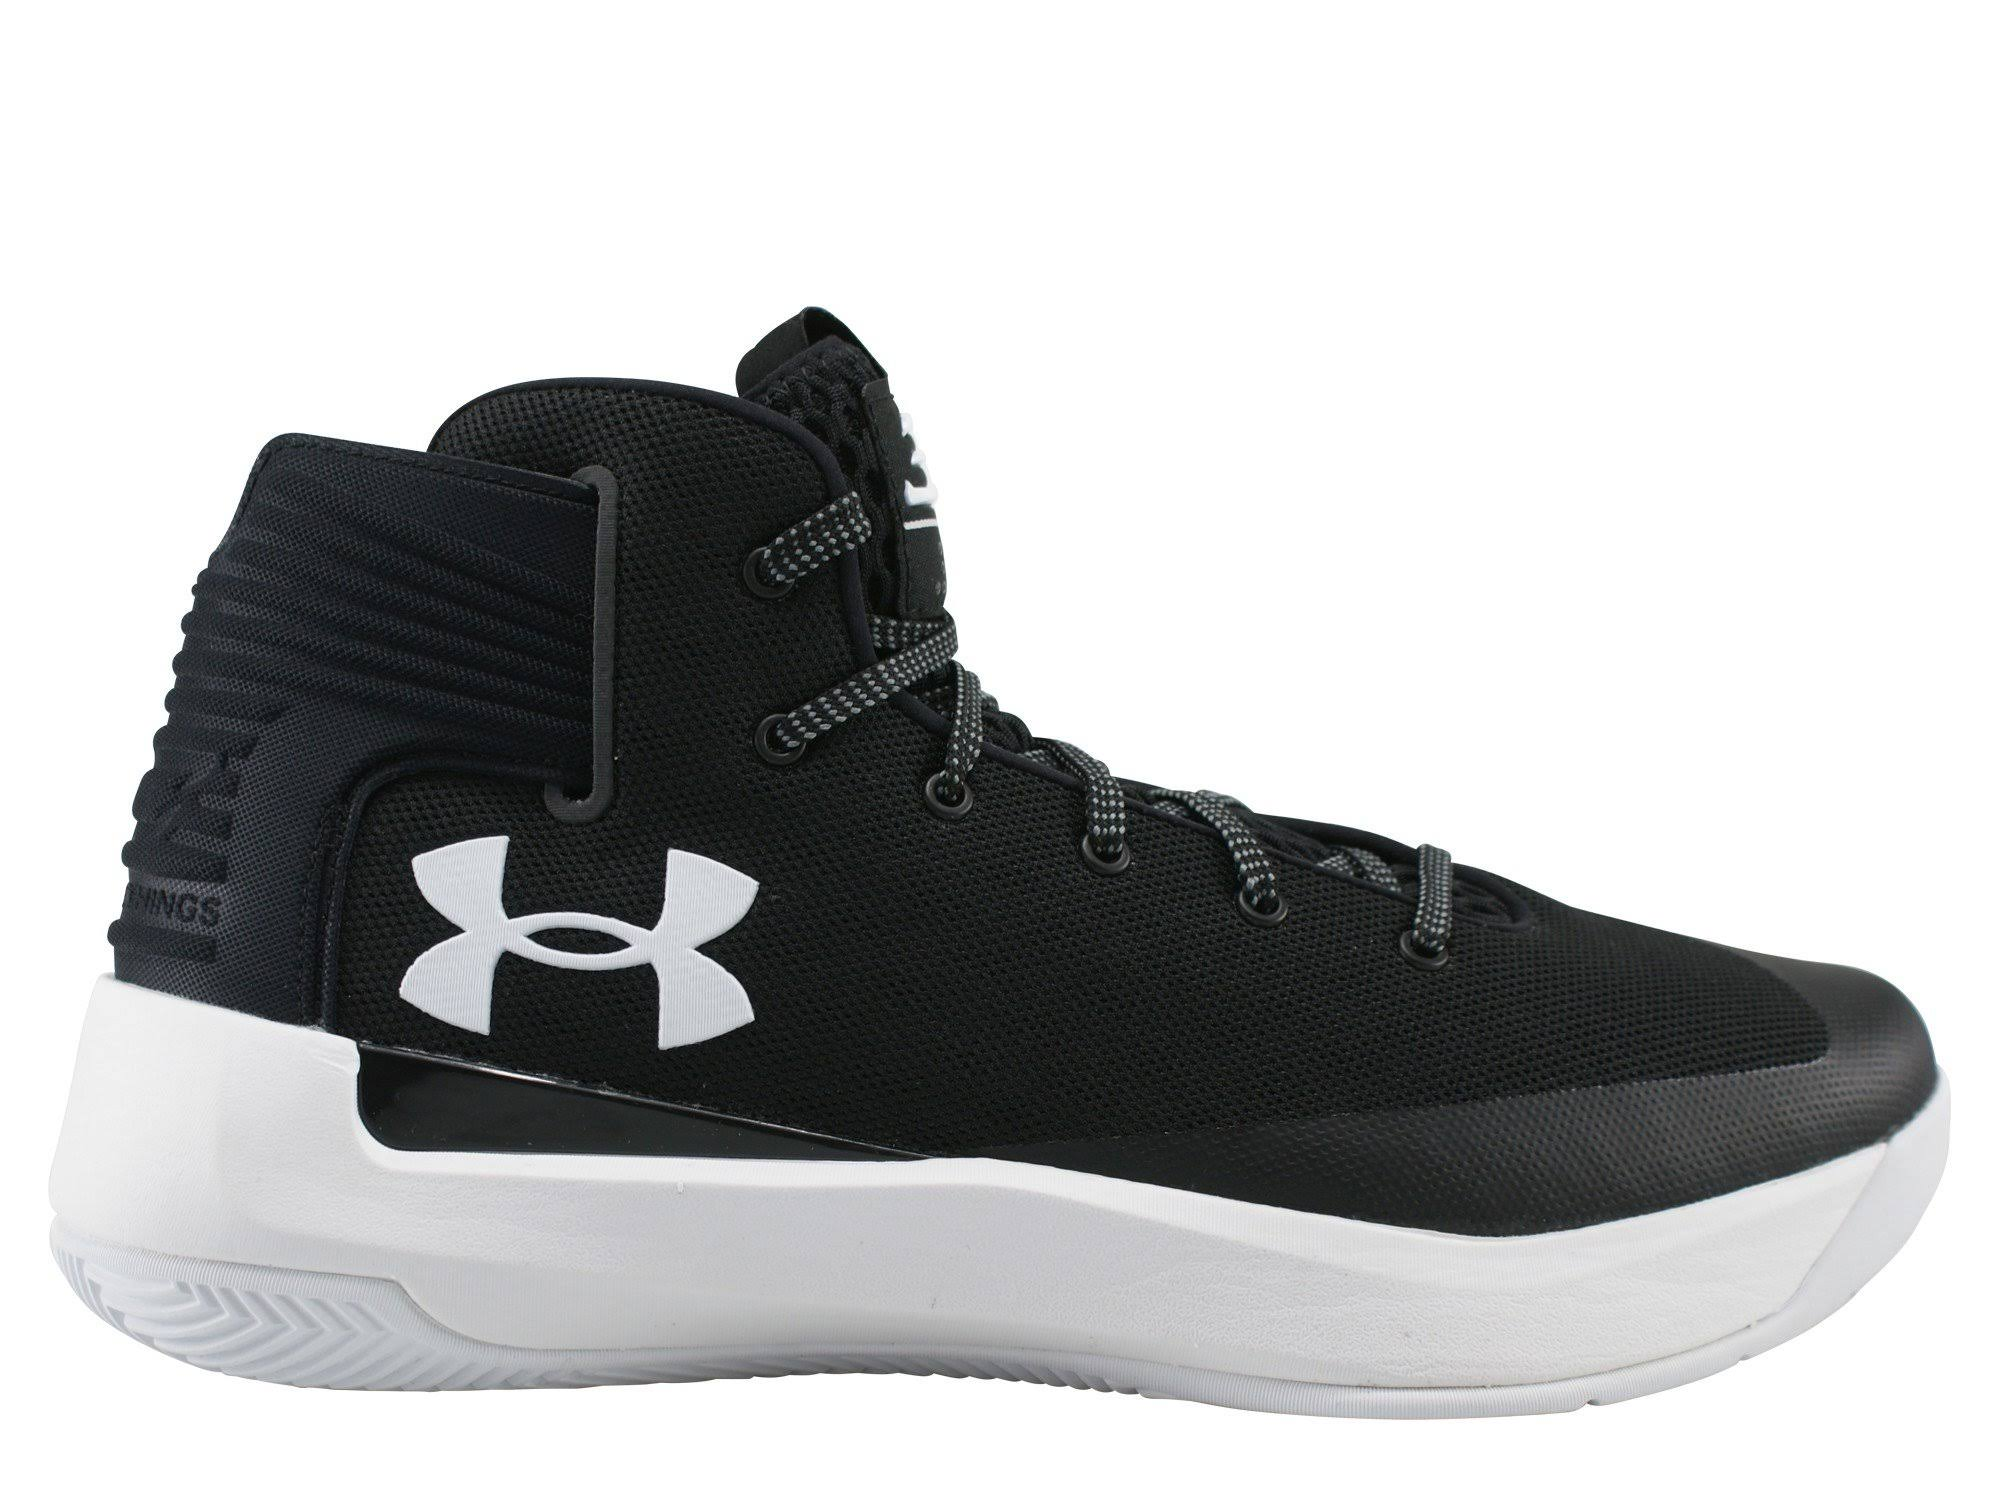 Negro De Para Zapatillas Blanco Curry Under Hombre Armour 3 Baloncesto R8wqa8F